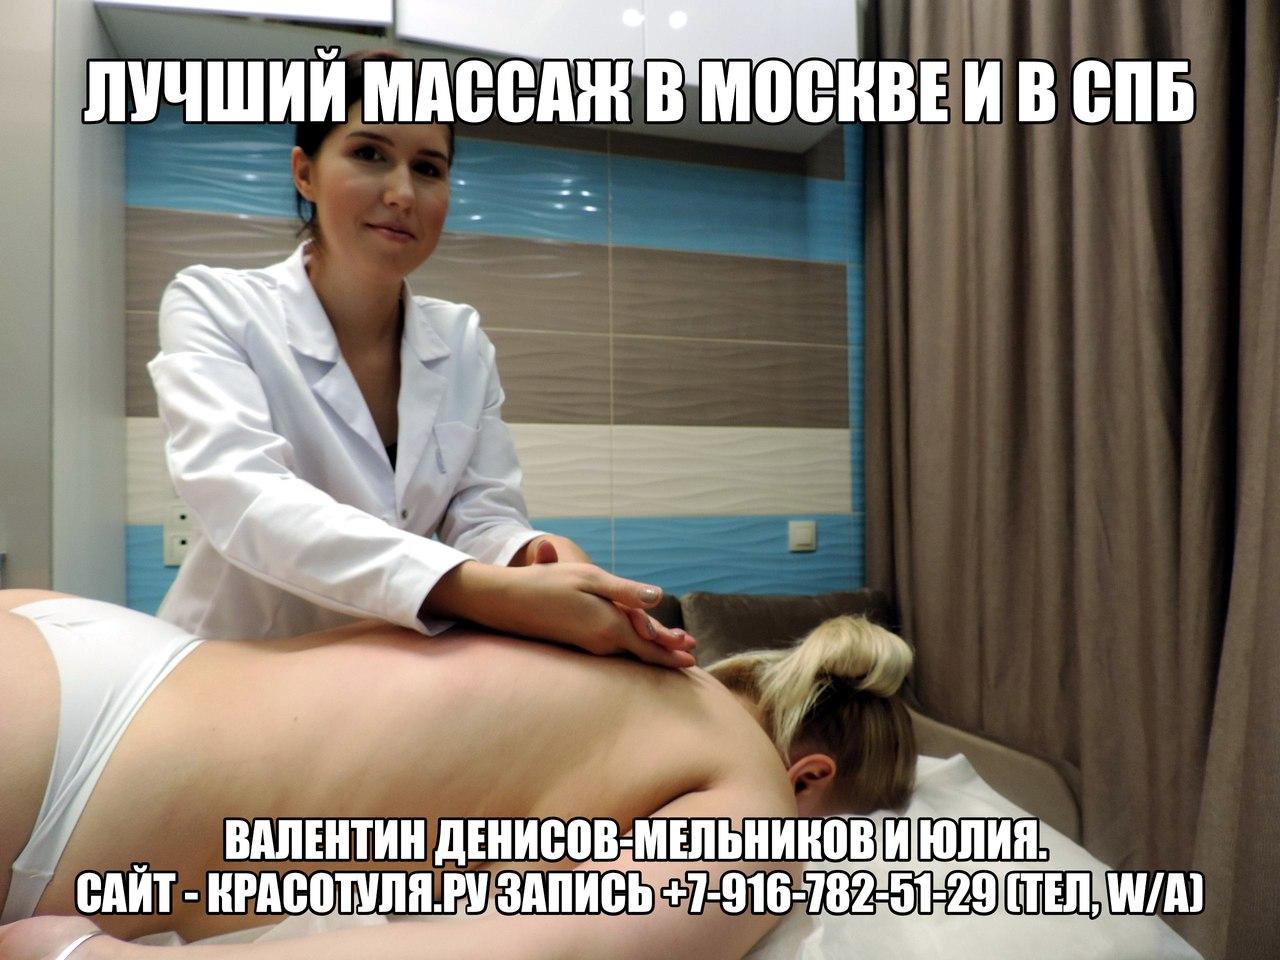 zastavit-video-massazh-zhene-bez-seksa-krasivie-devushki-bez